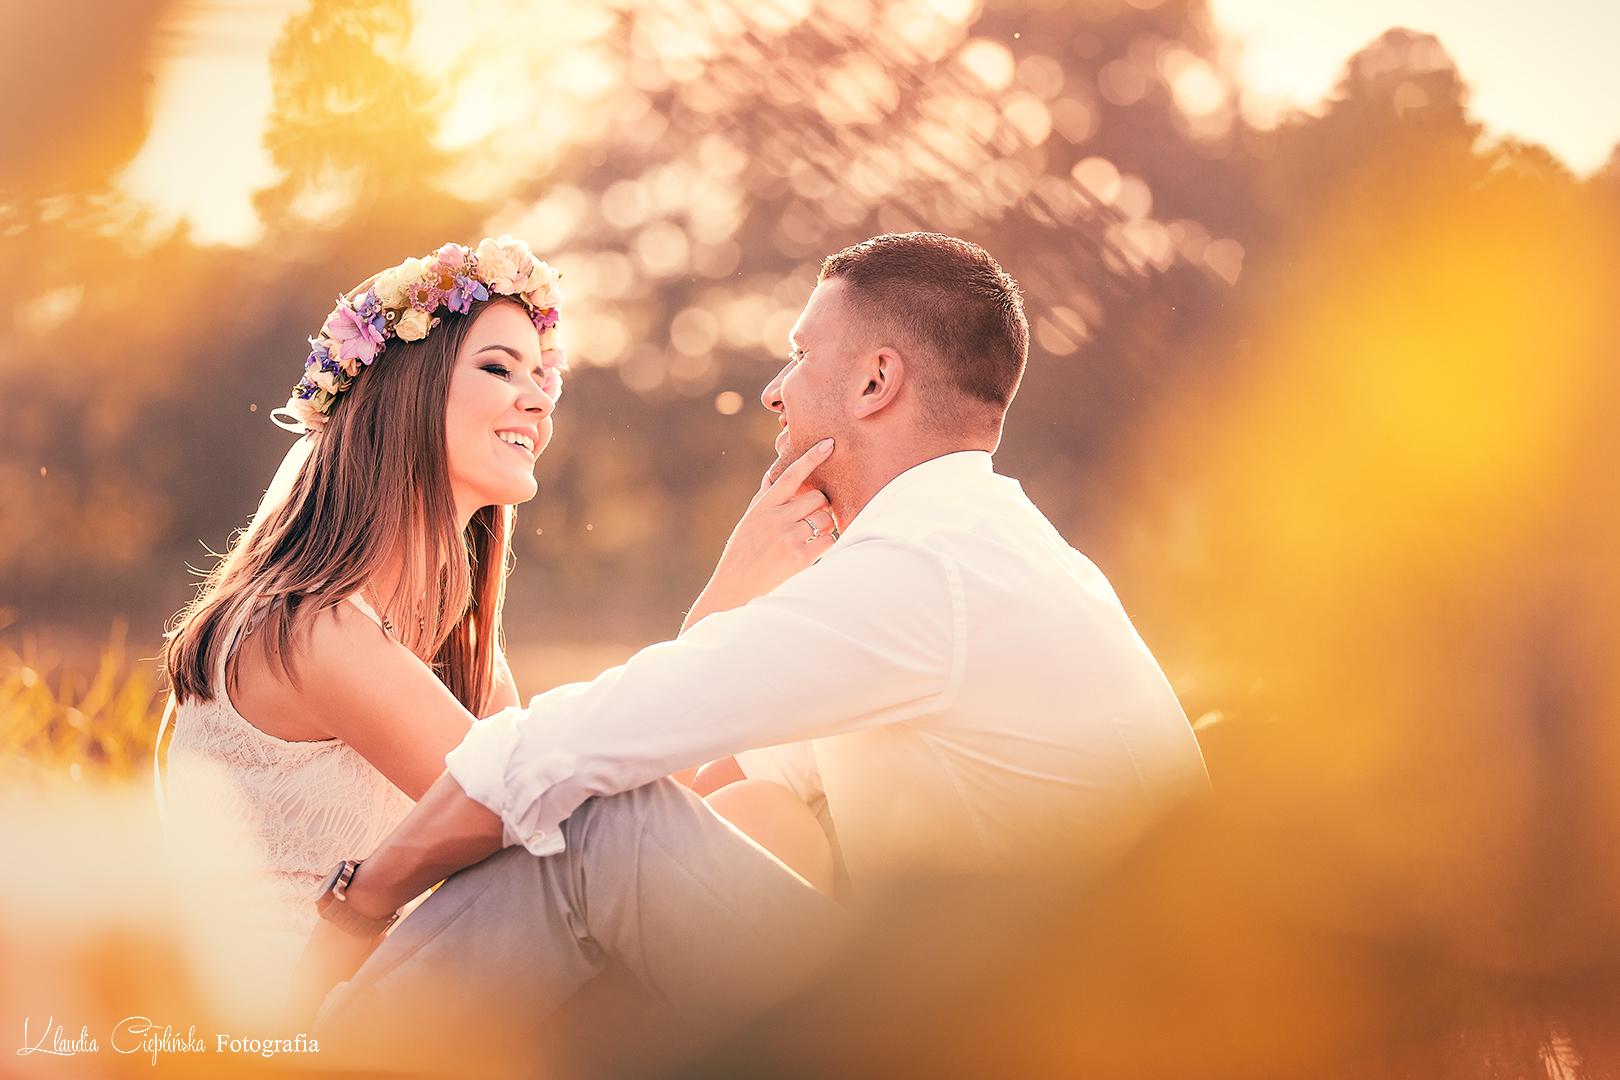 Artystyczna fotografia ślubna, rodzinna, sesje narzeczeńskie, portretowe. Zdjęcia w plenerze Bukowiec.